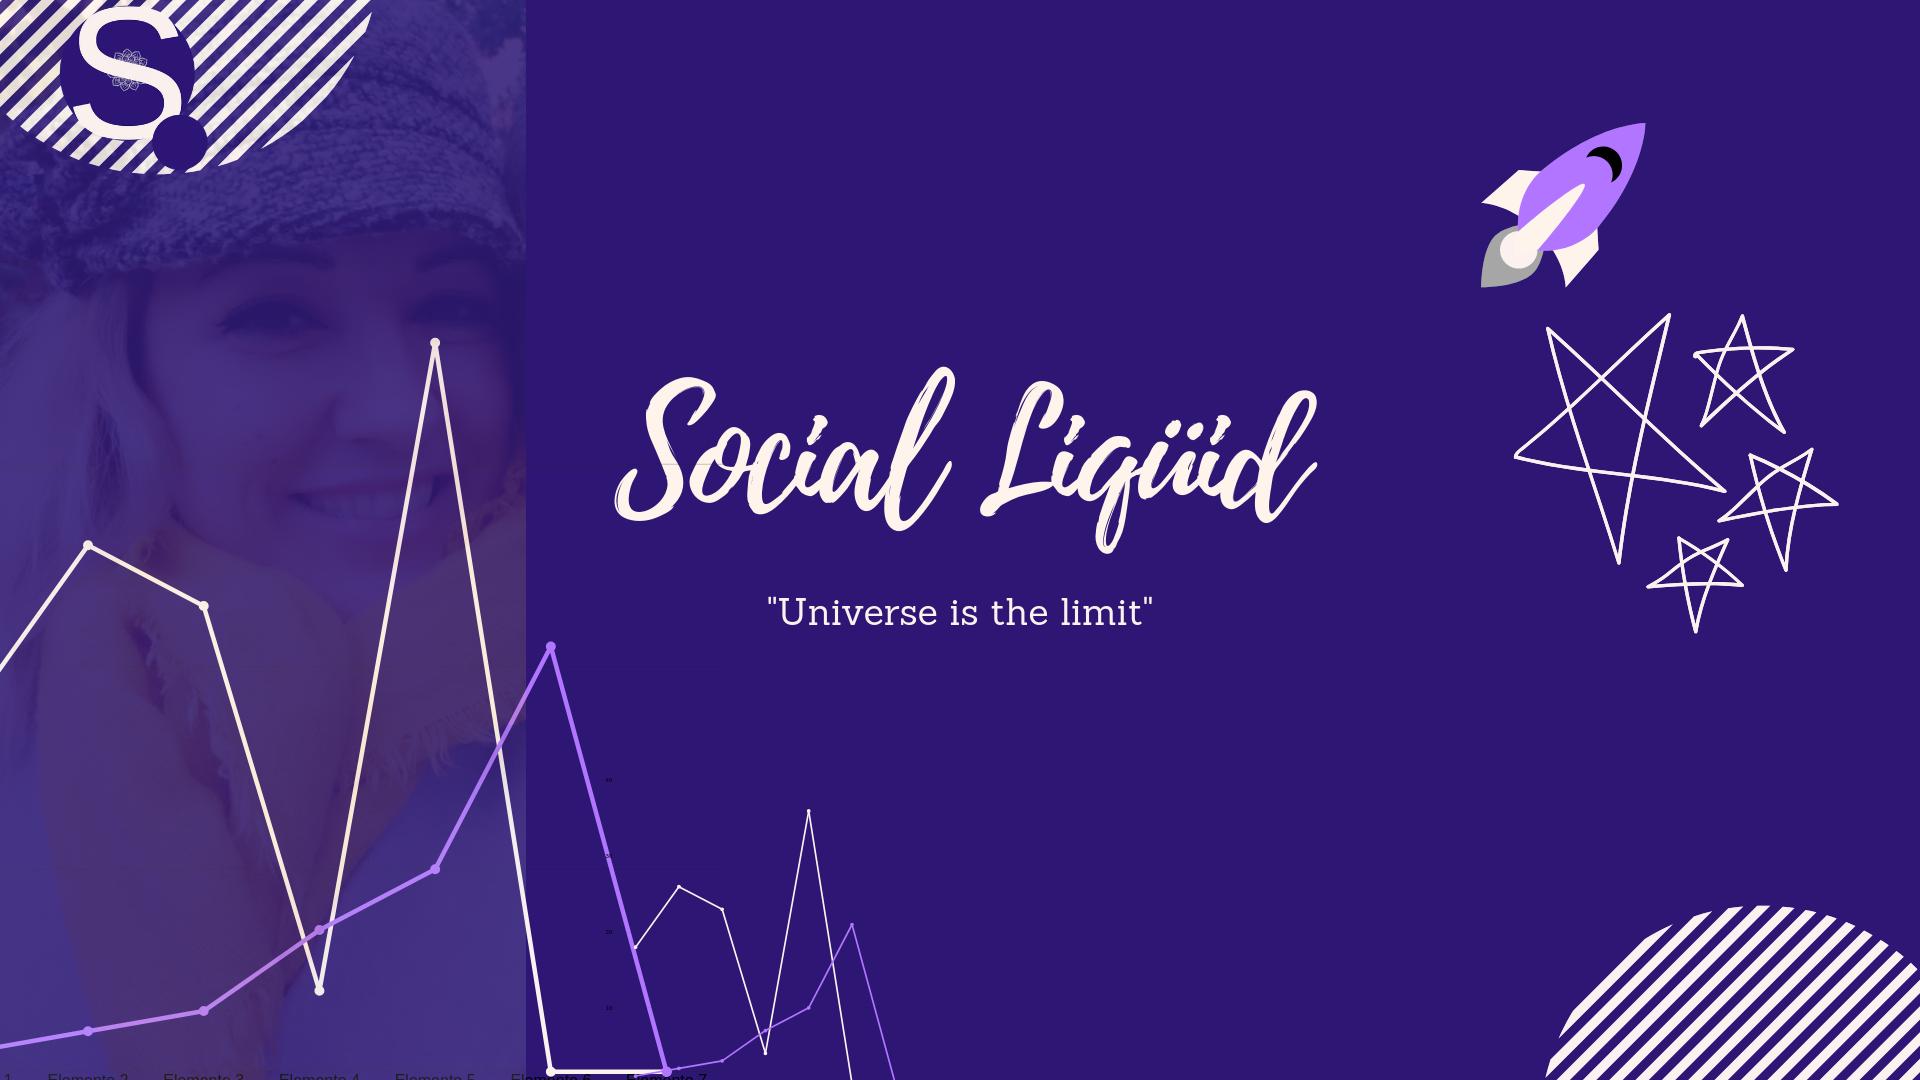 Social Liquid Marketing digital